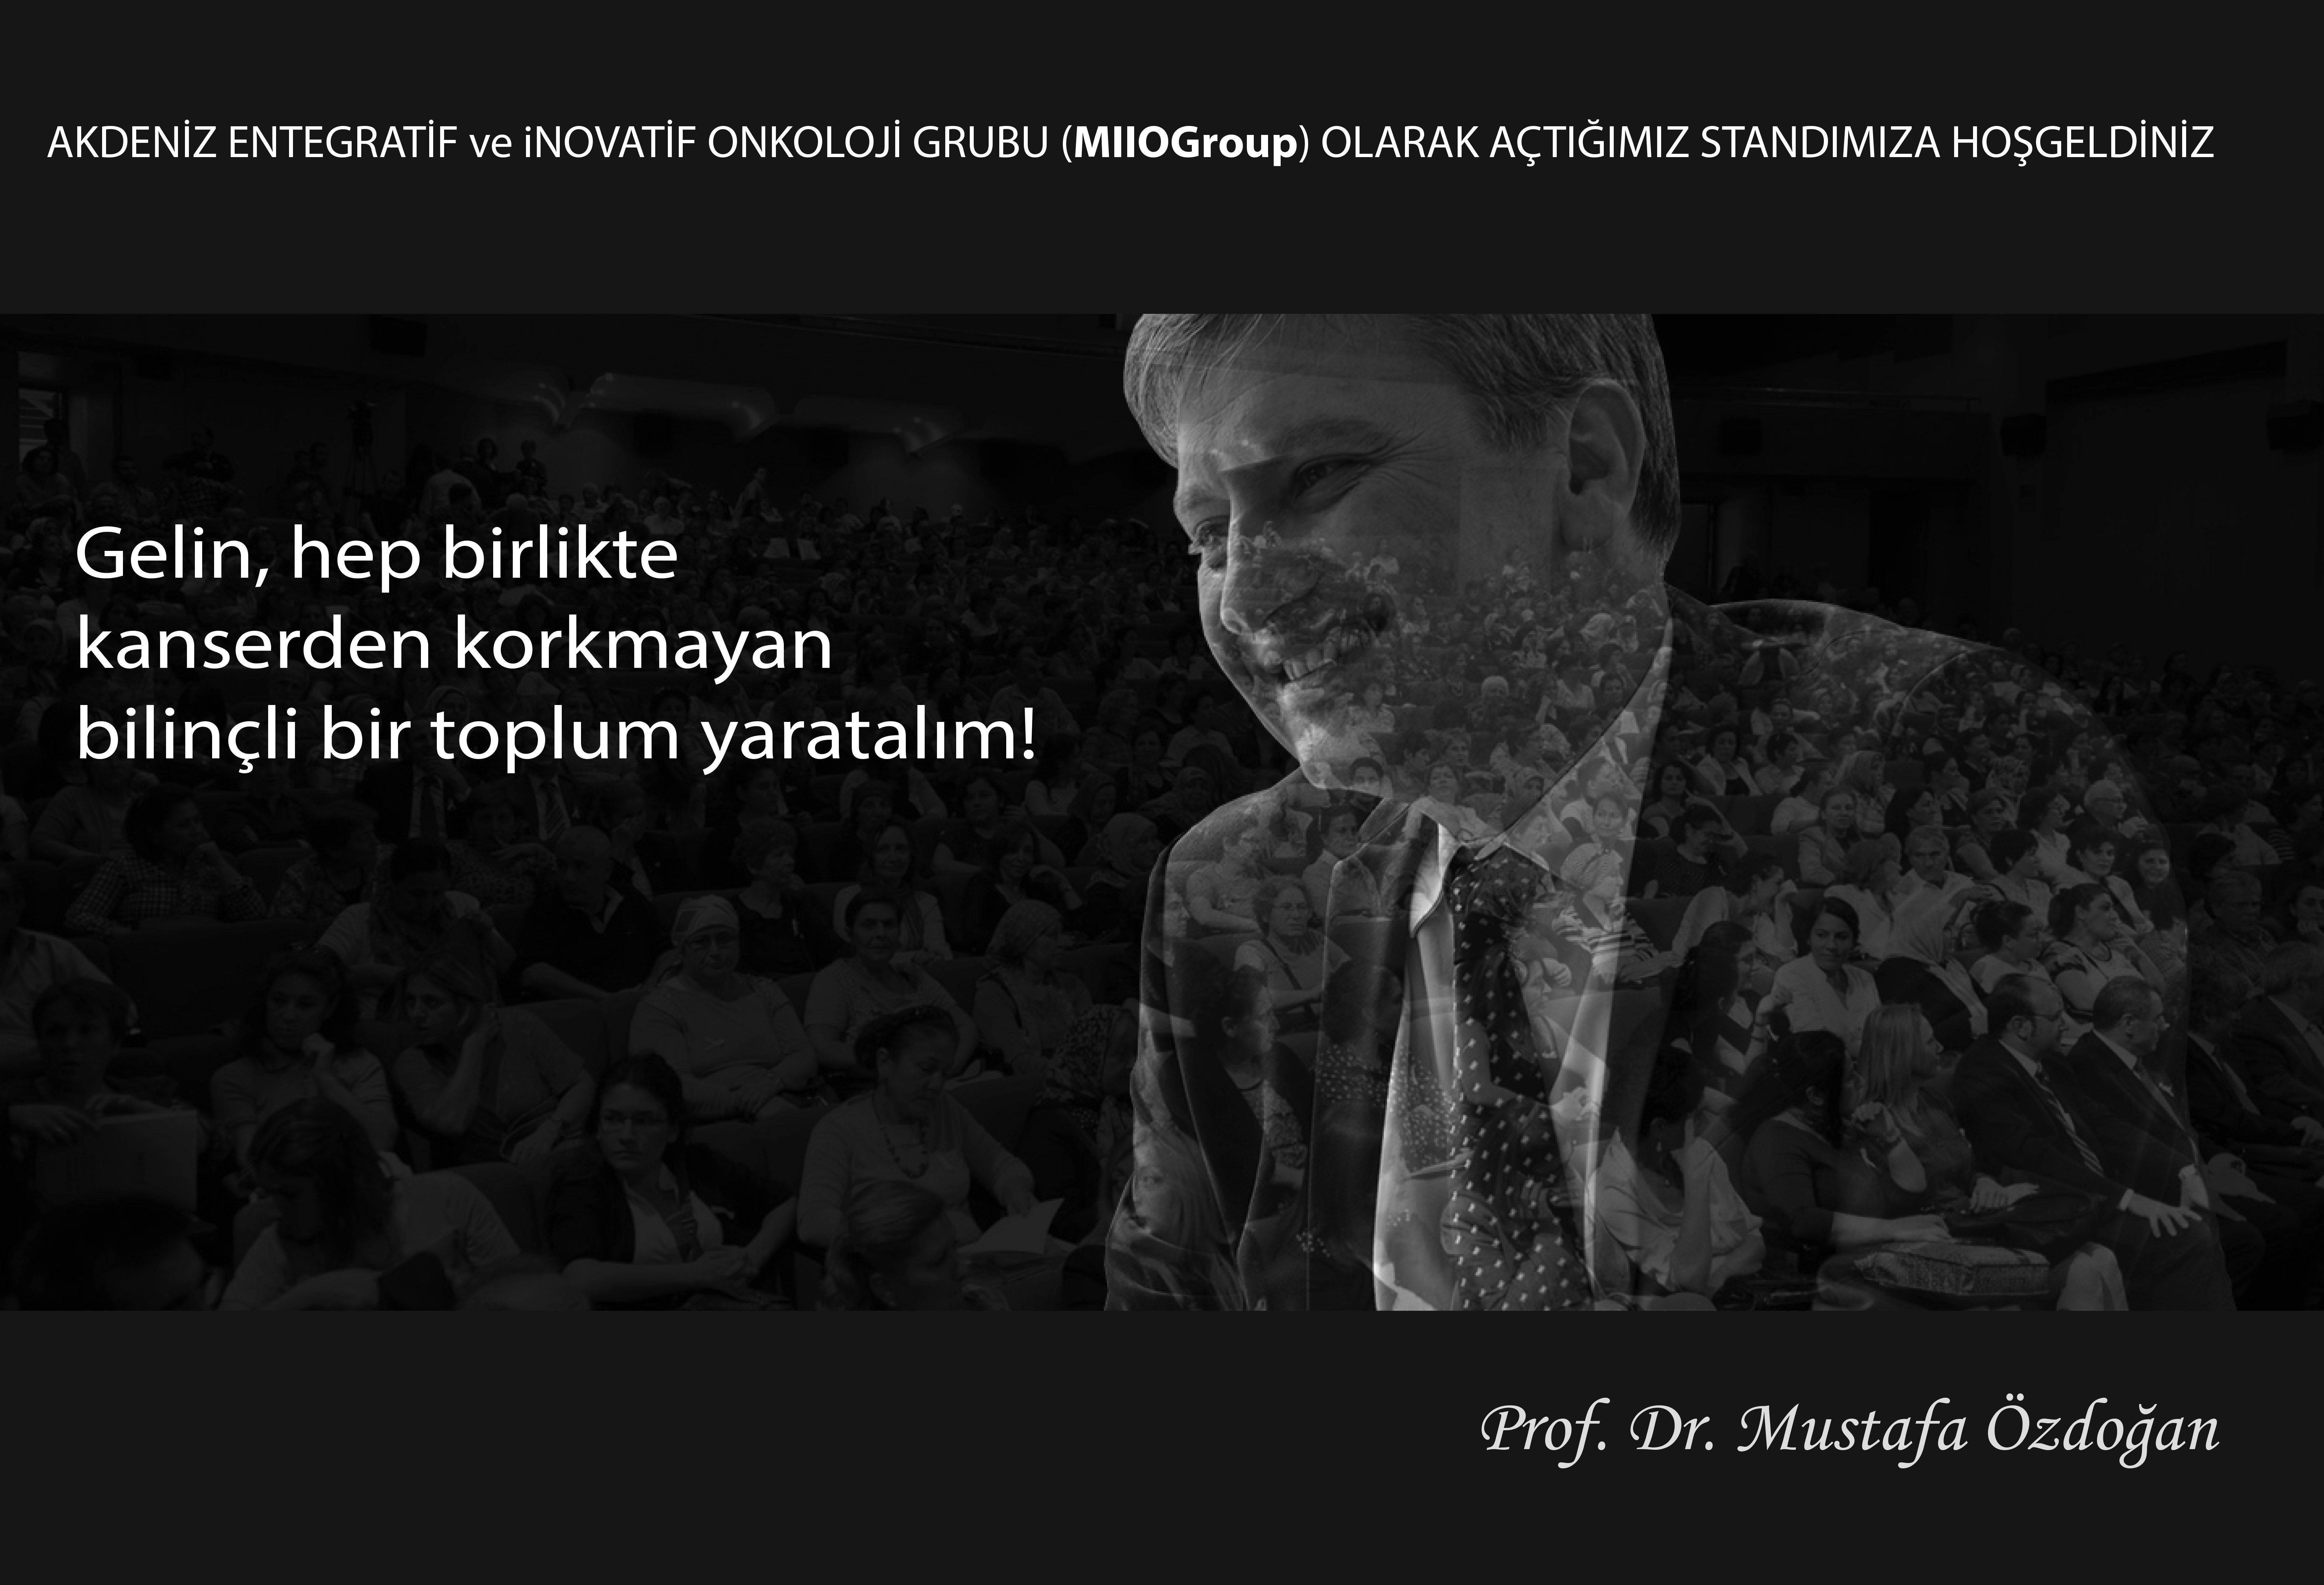 Antalya Bilim Festivali Kanser Testi Soru Cevapları ve Ödüller prof dr mustafa özdoğan